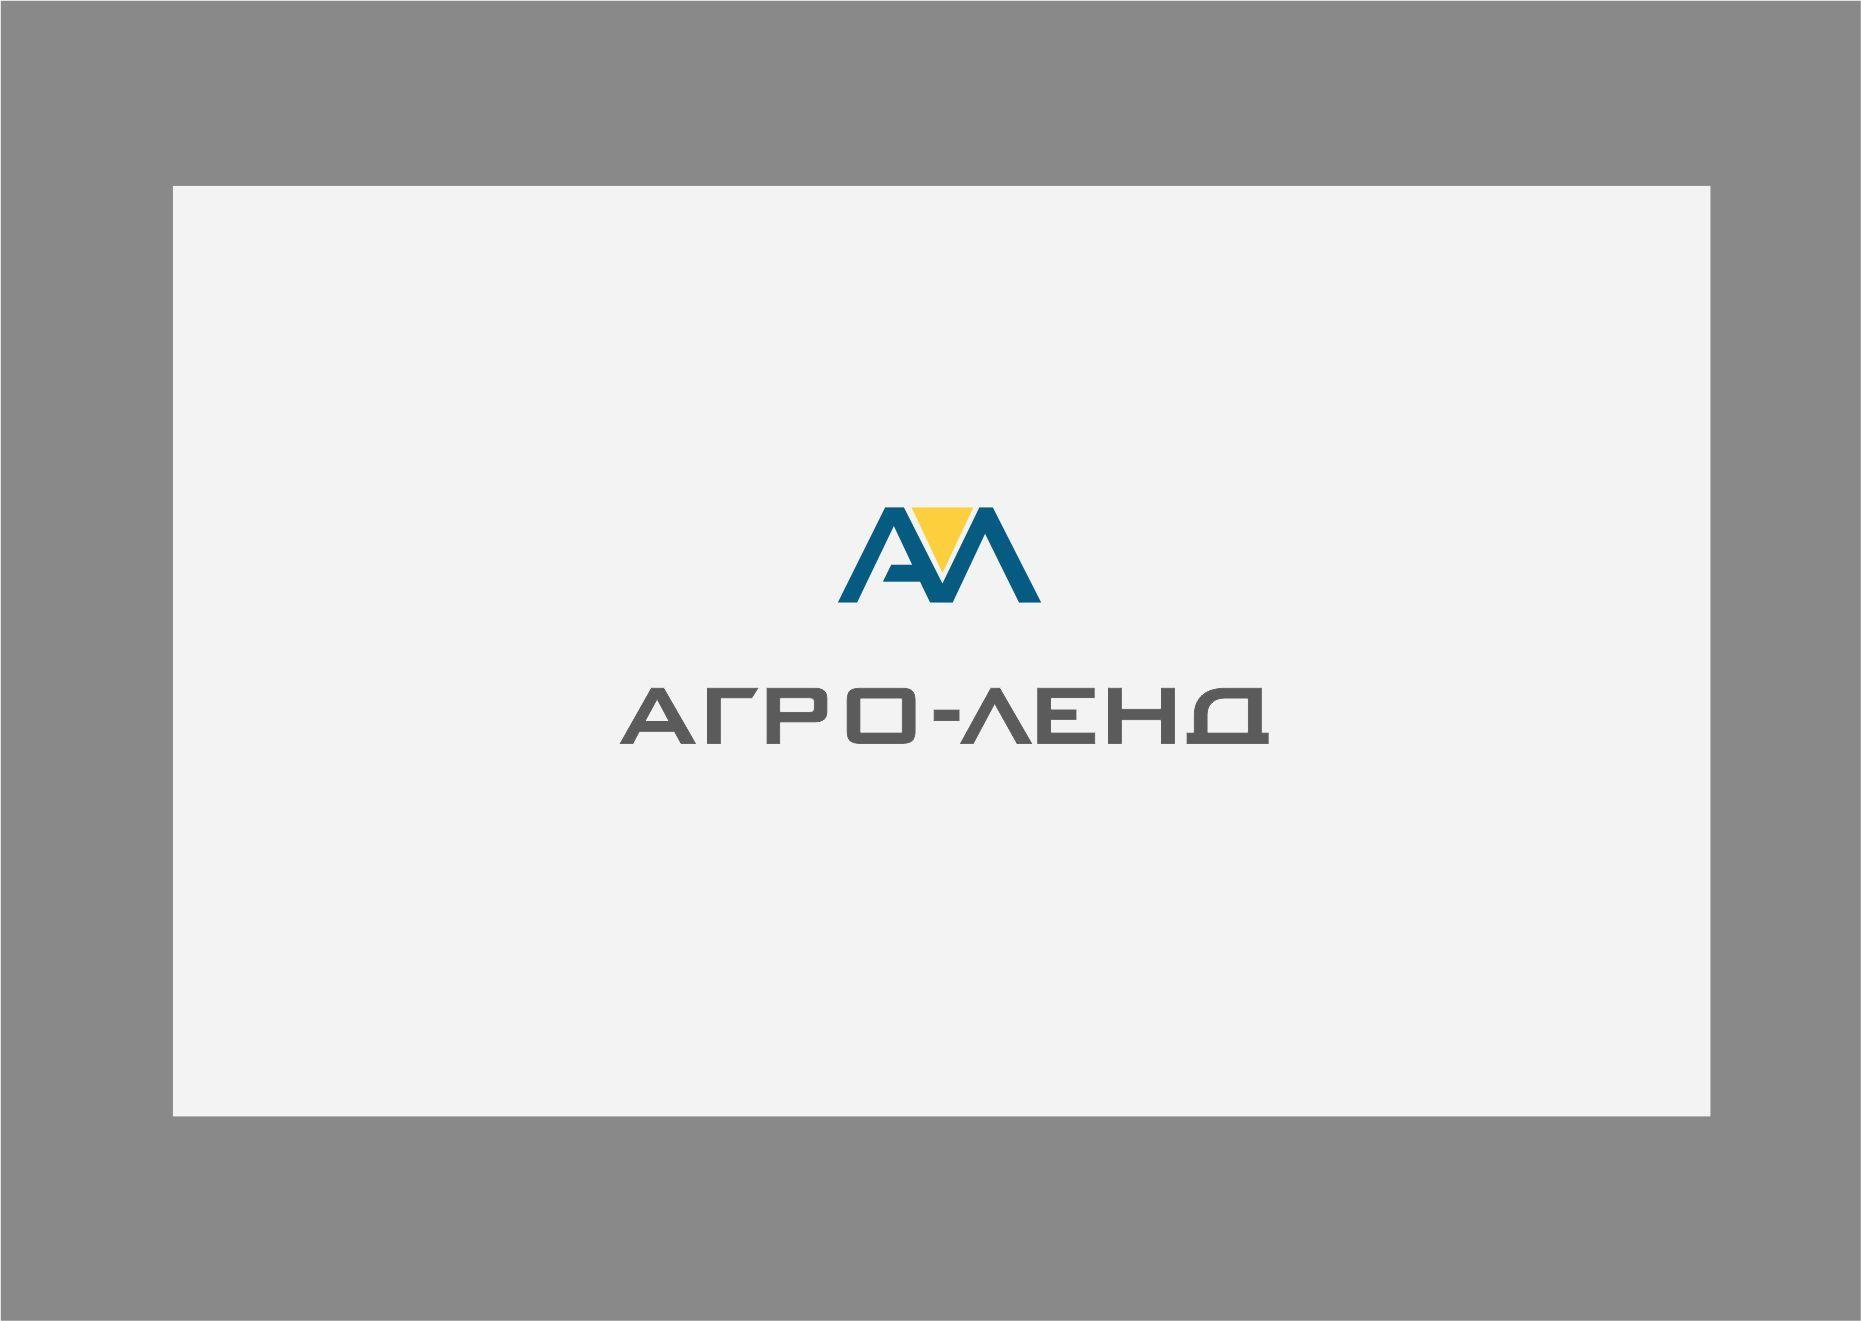 Логотип и фирменный стиль маслозавода. - дизайнер dbyjuhfl